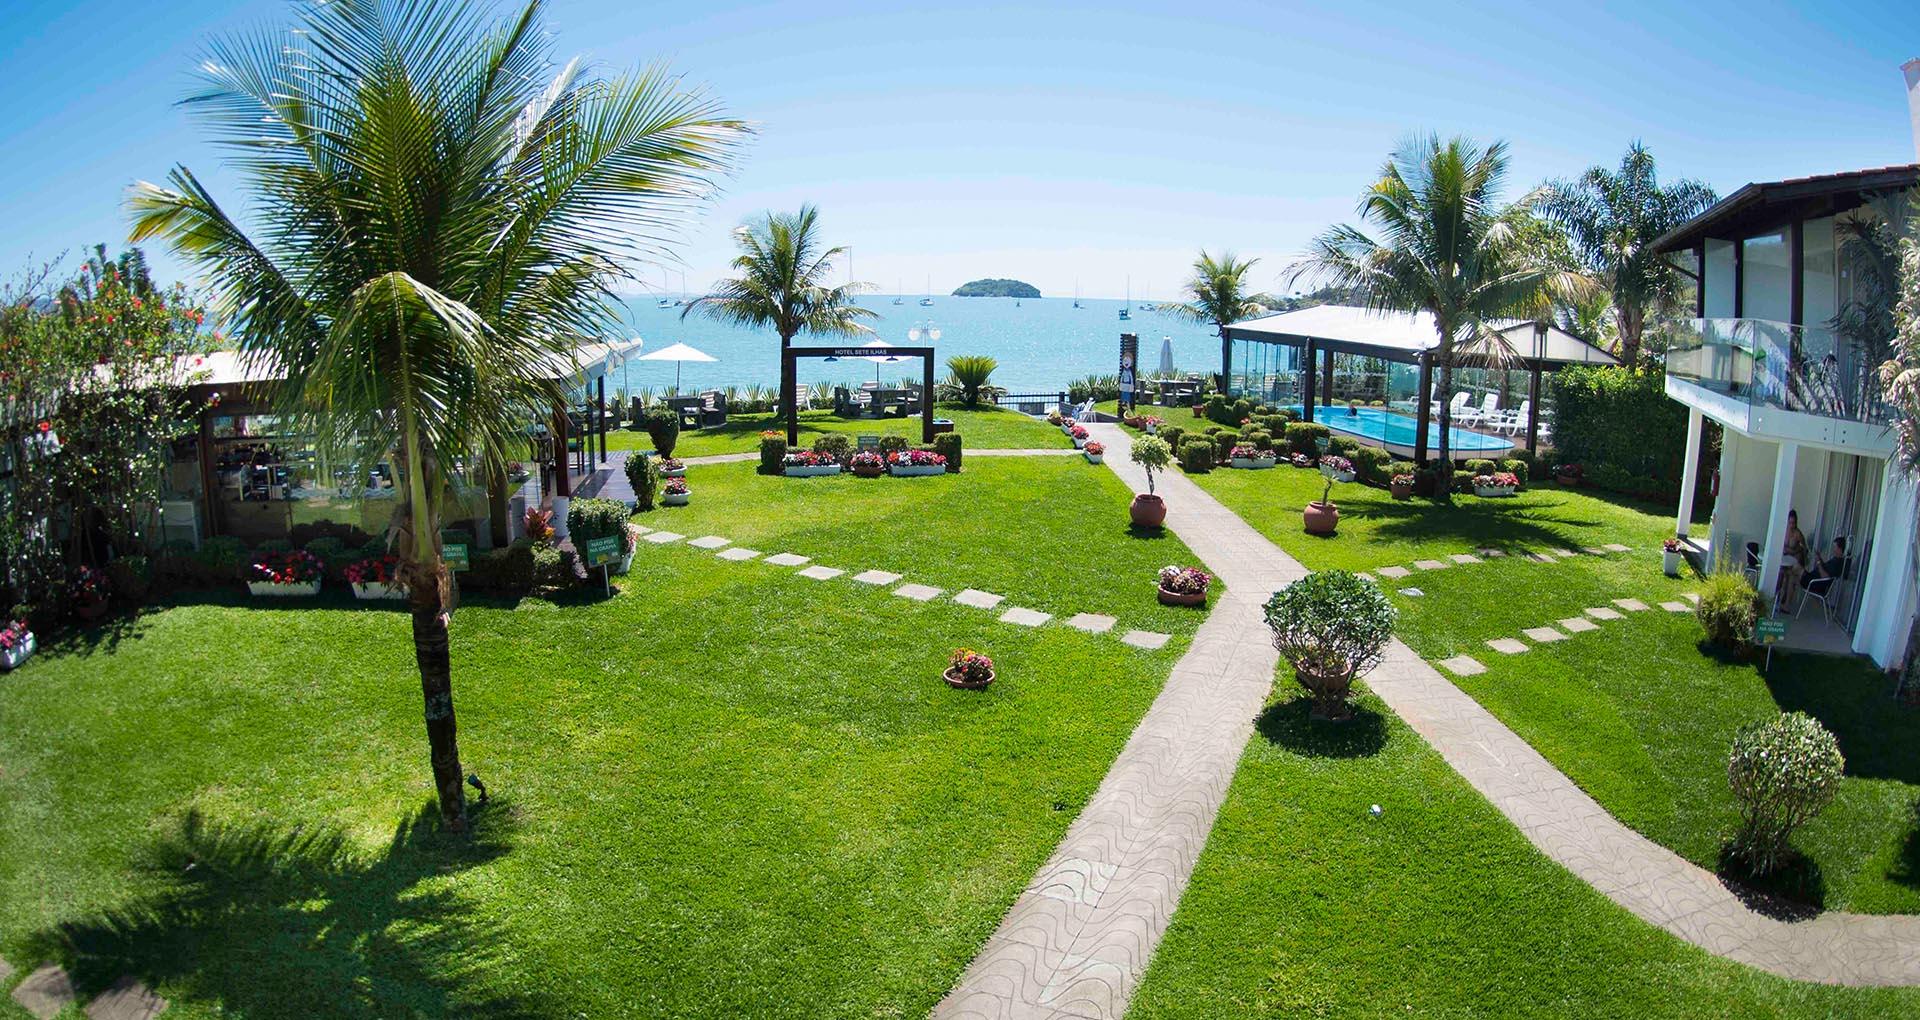 Área gramada perante ilhas em frente o mar de Jurerê em Florianópolis, Santa Catarina, no Hotel Sete Ilhas.